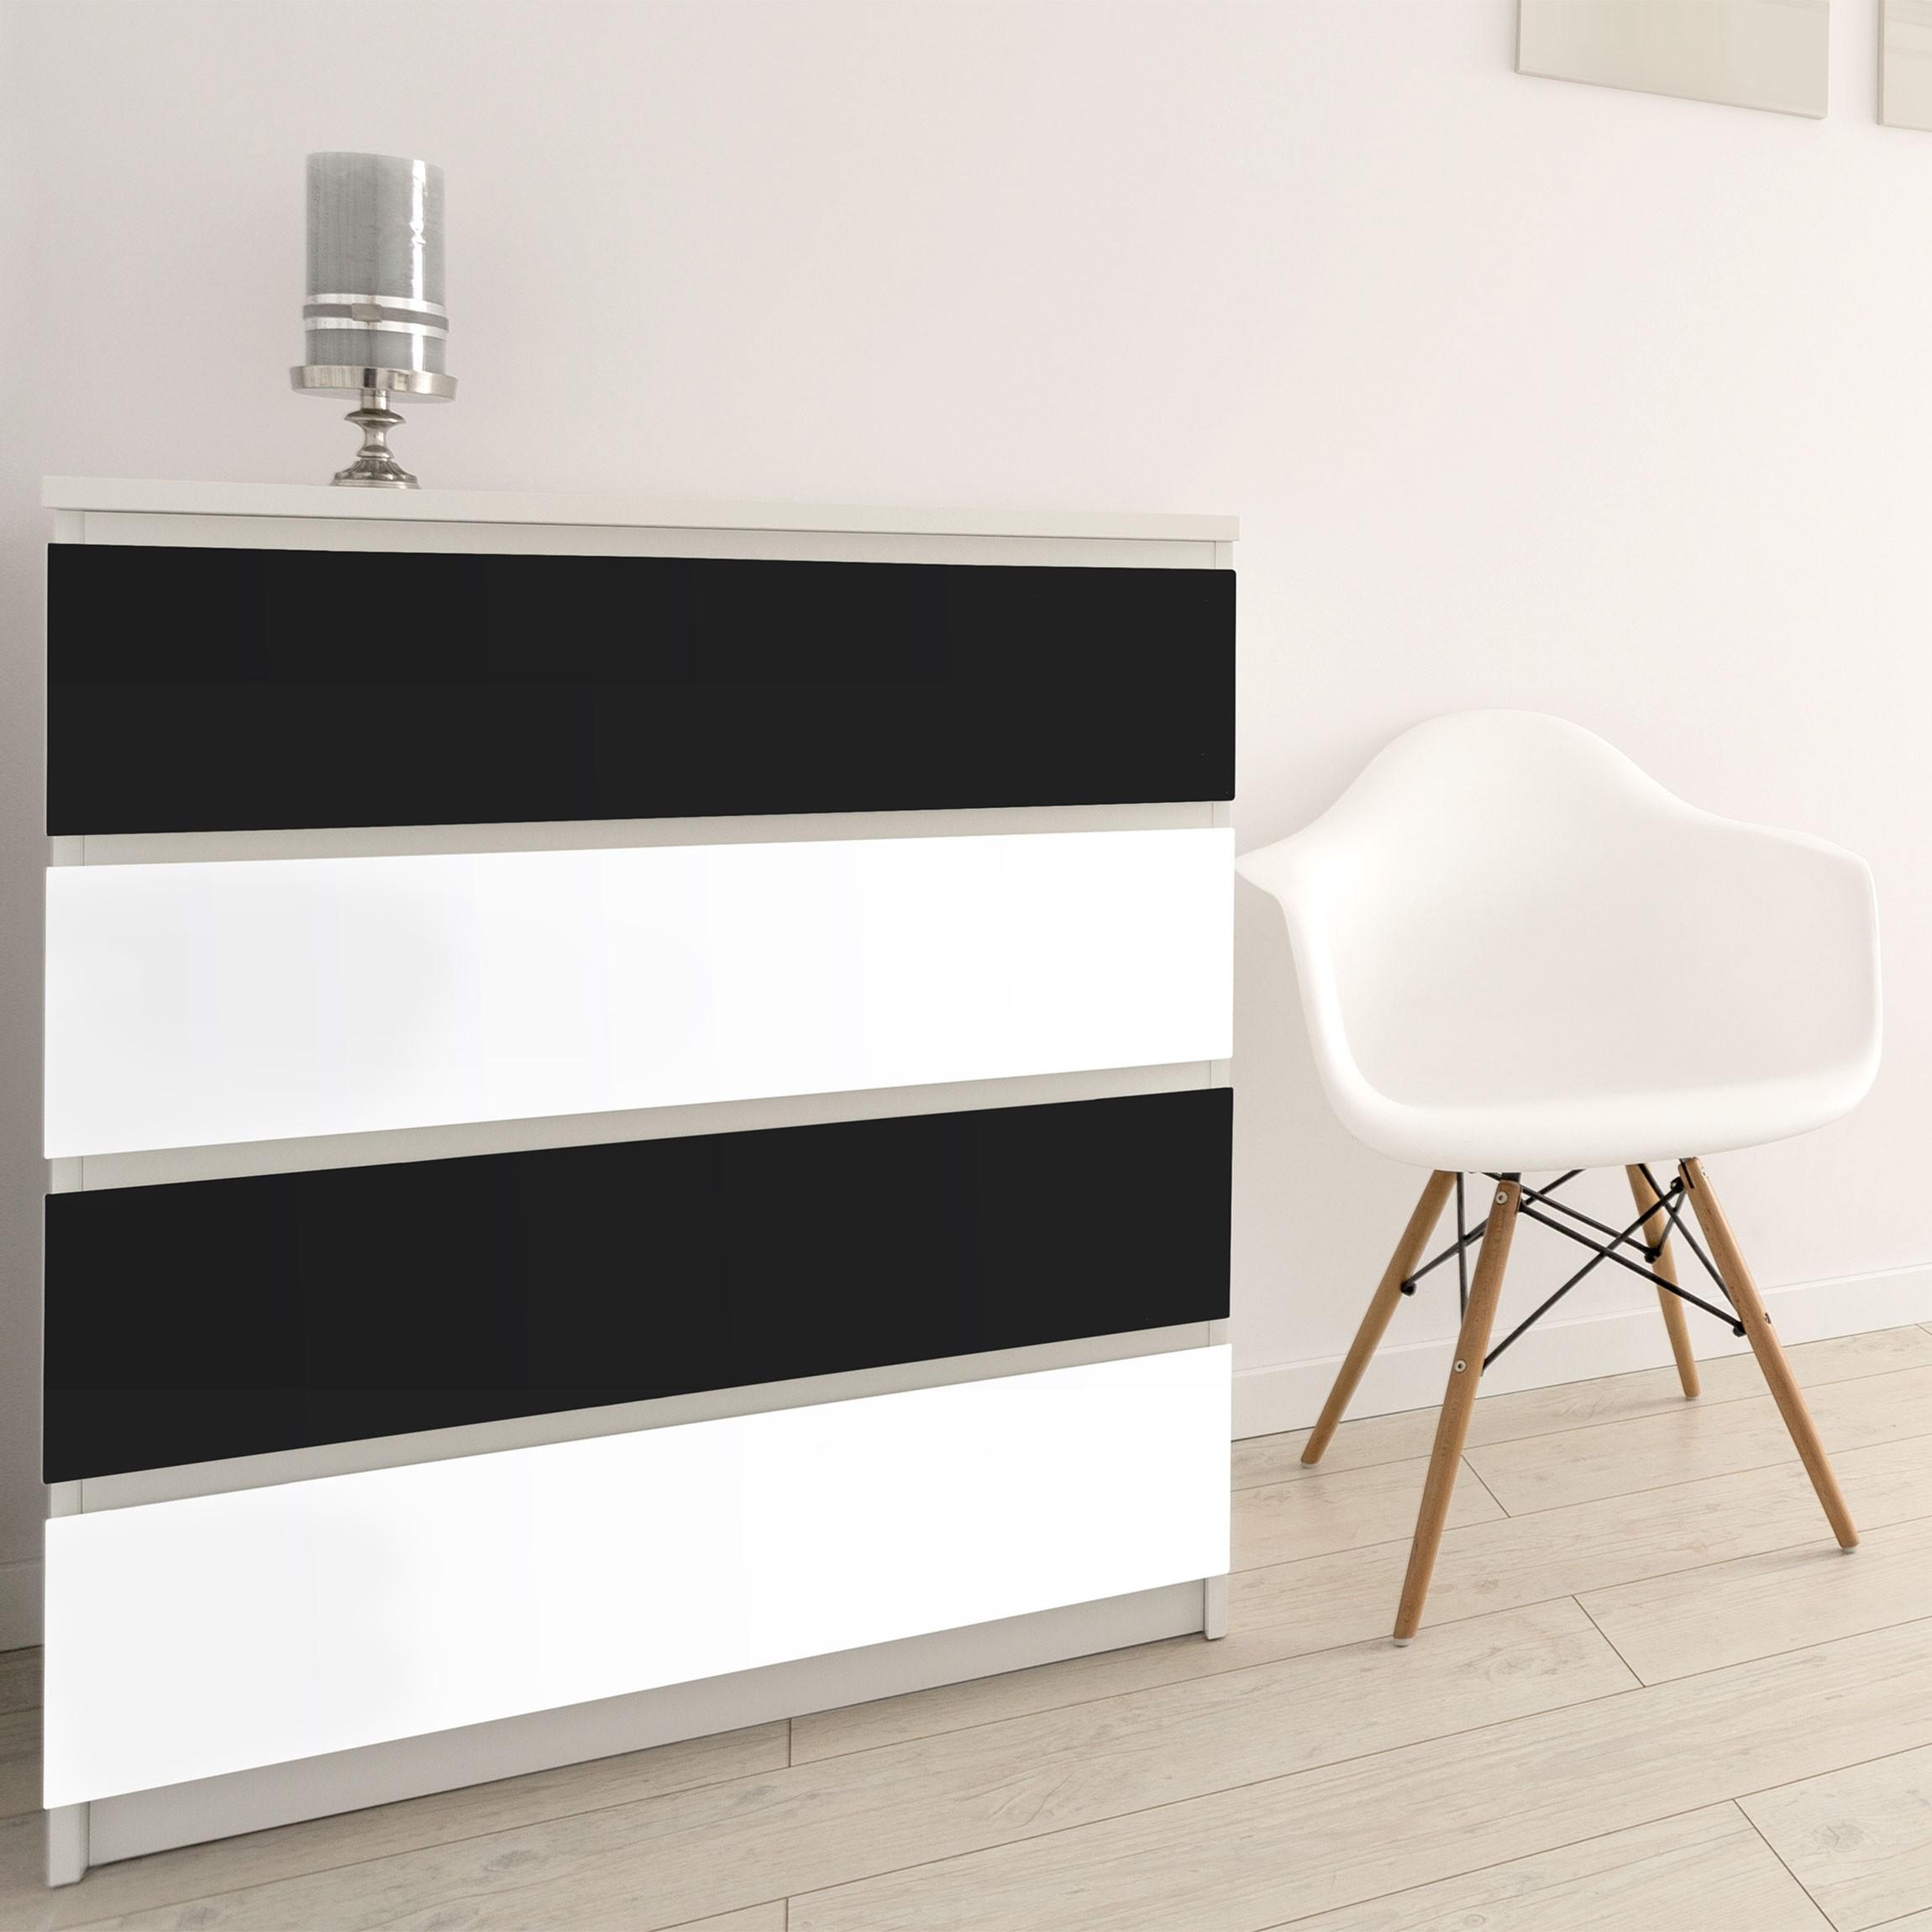 klebefolie schwarz wei farbset zum selbst gestalten. Black Bedroom Furniture Sets. Home Design Ideas